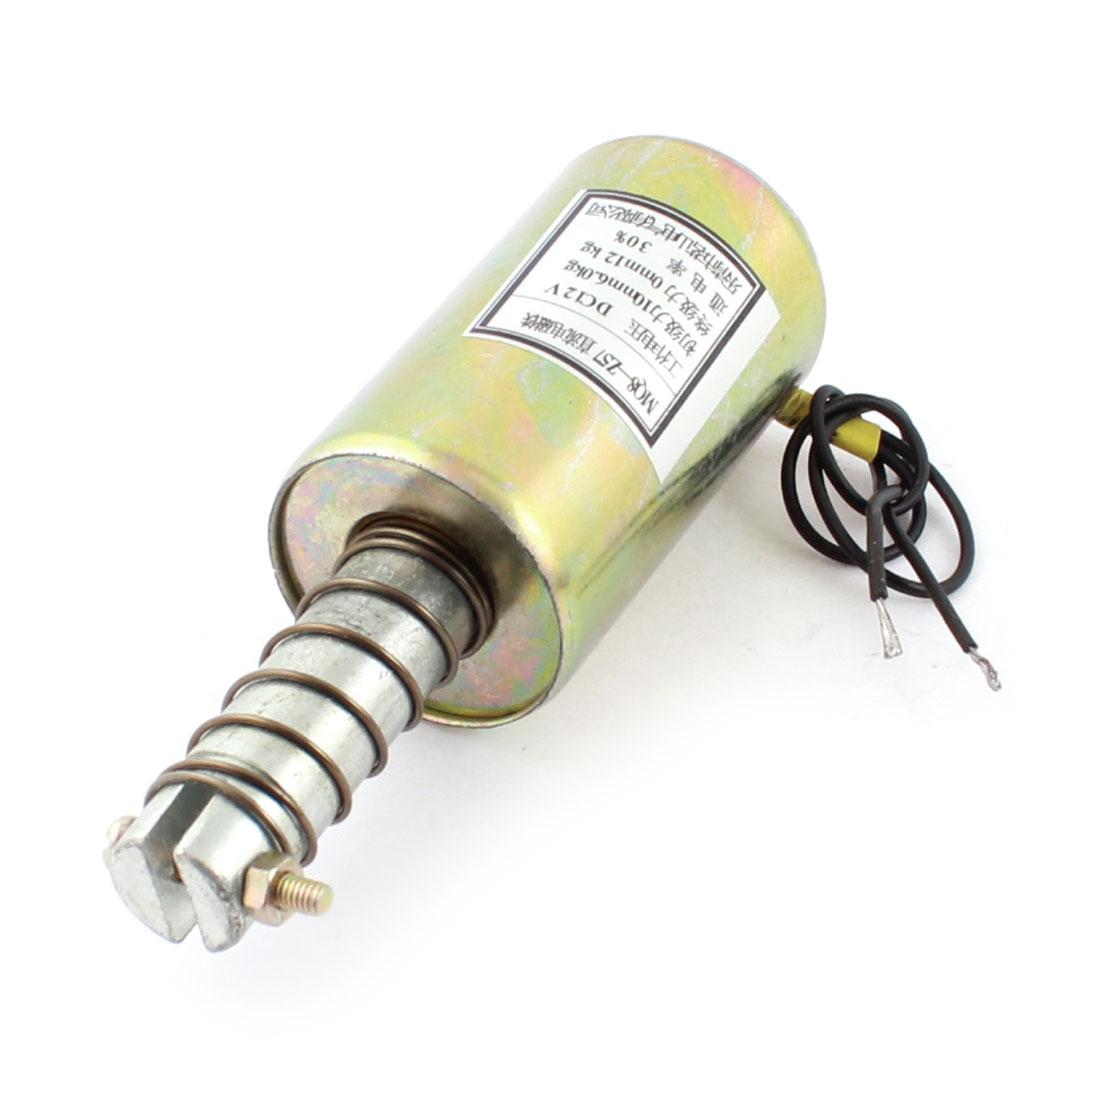 DC 12V 10mm 6.0Kg Solenoid Electromagnet w Spring Plunger MQ8-Z57